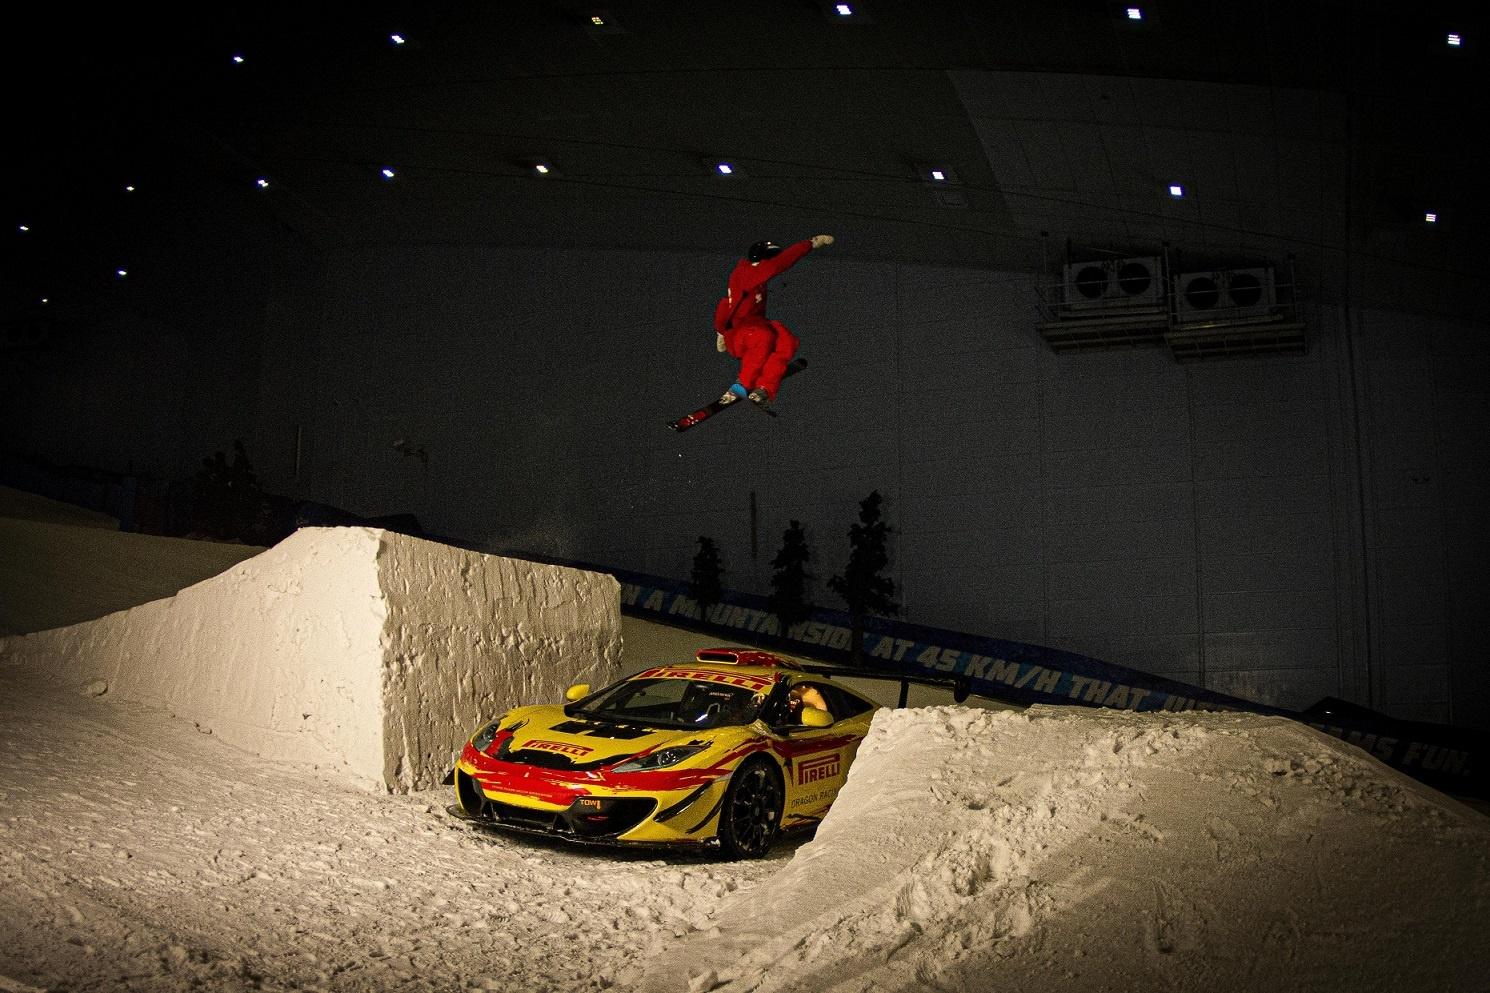 Pirelli Pulls off Incredible Stunt at Ski Dubai